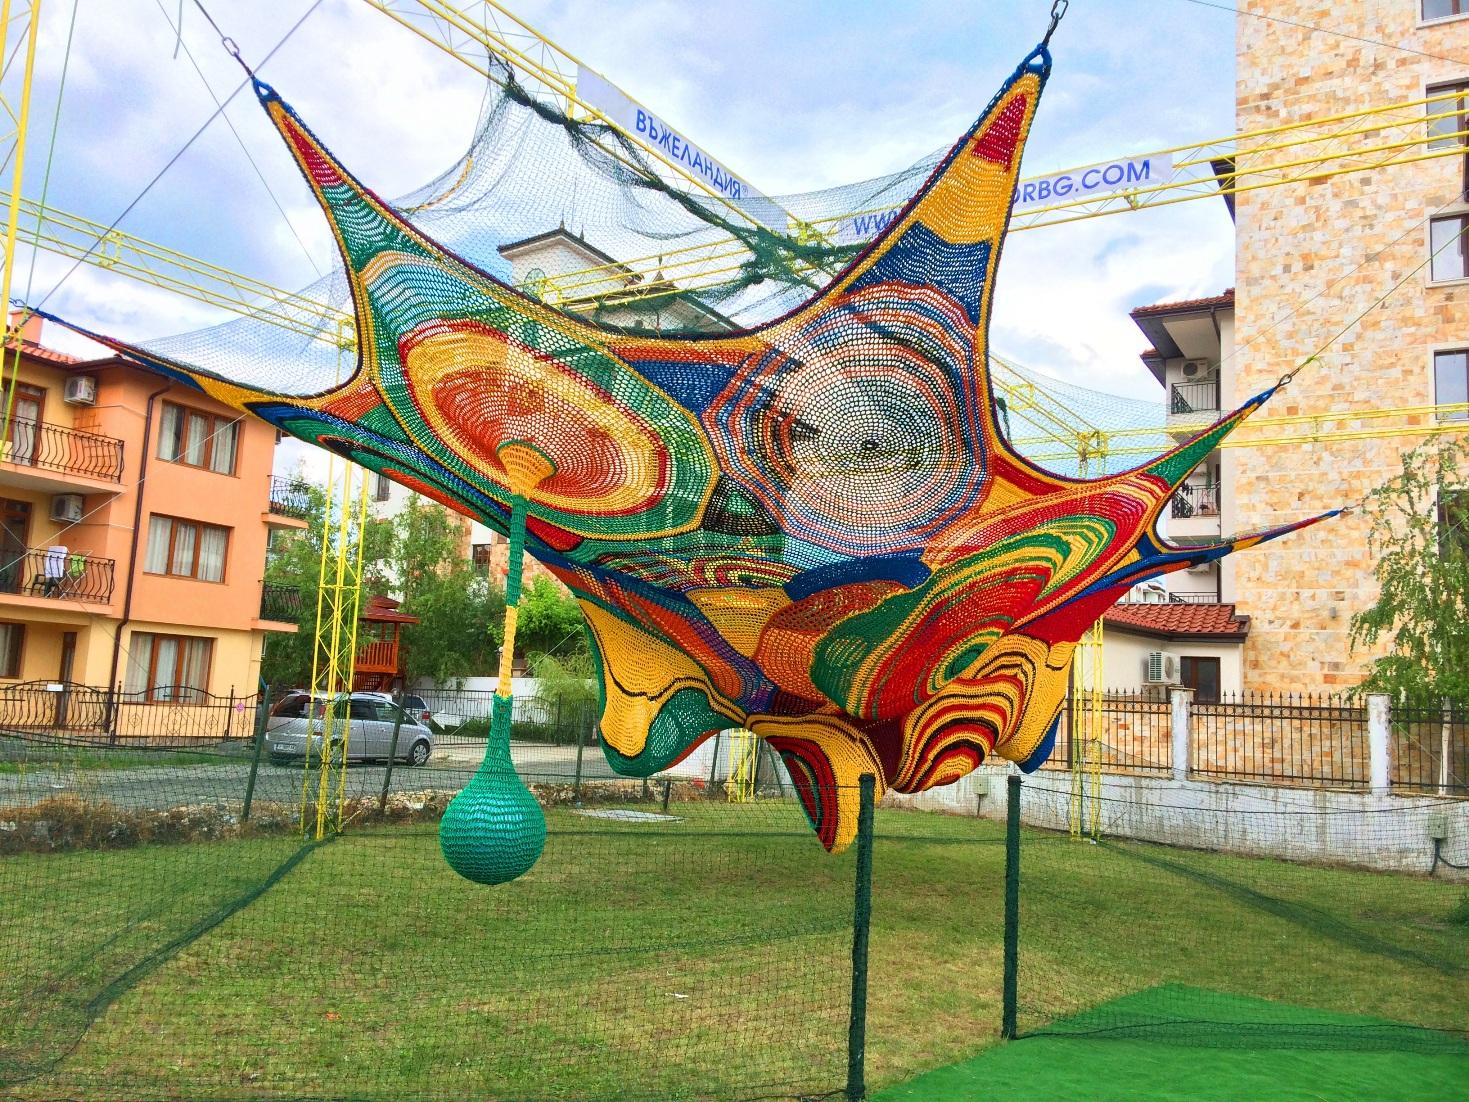 hand crochet playground